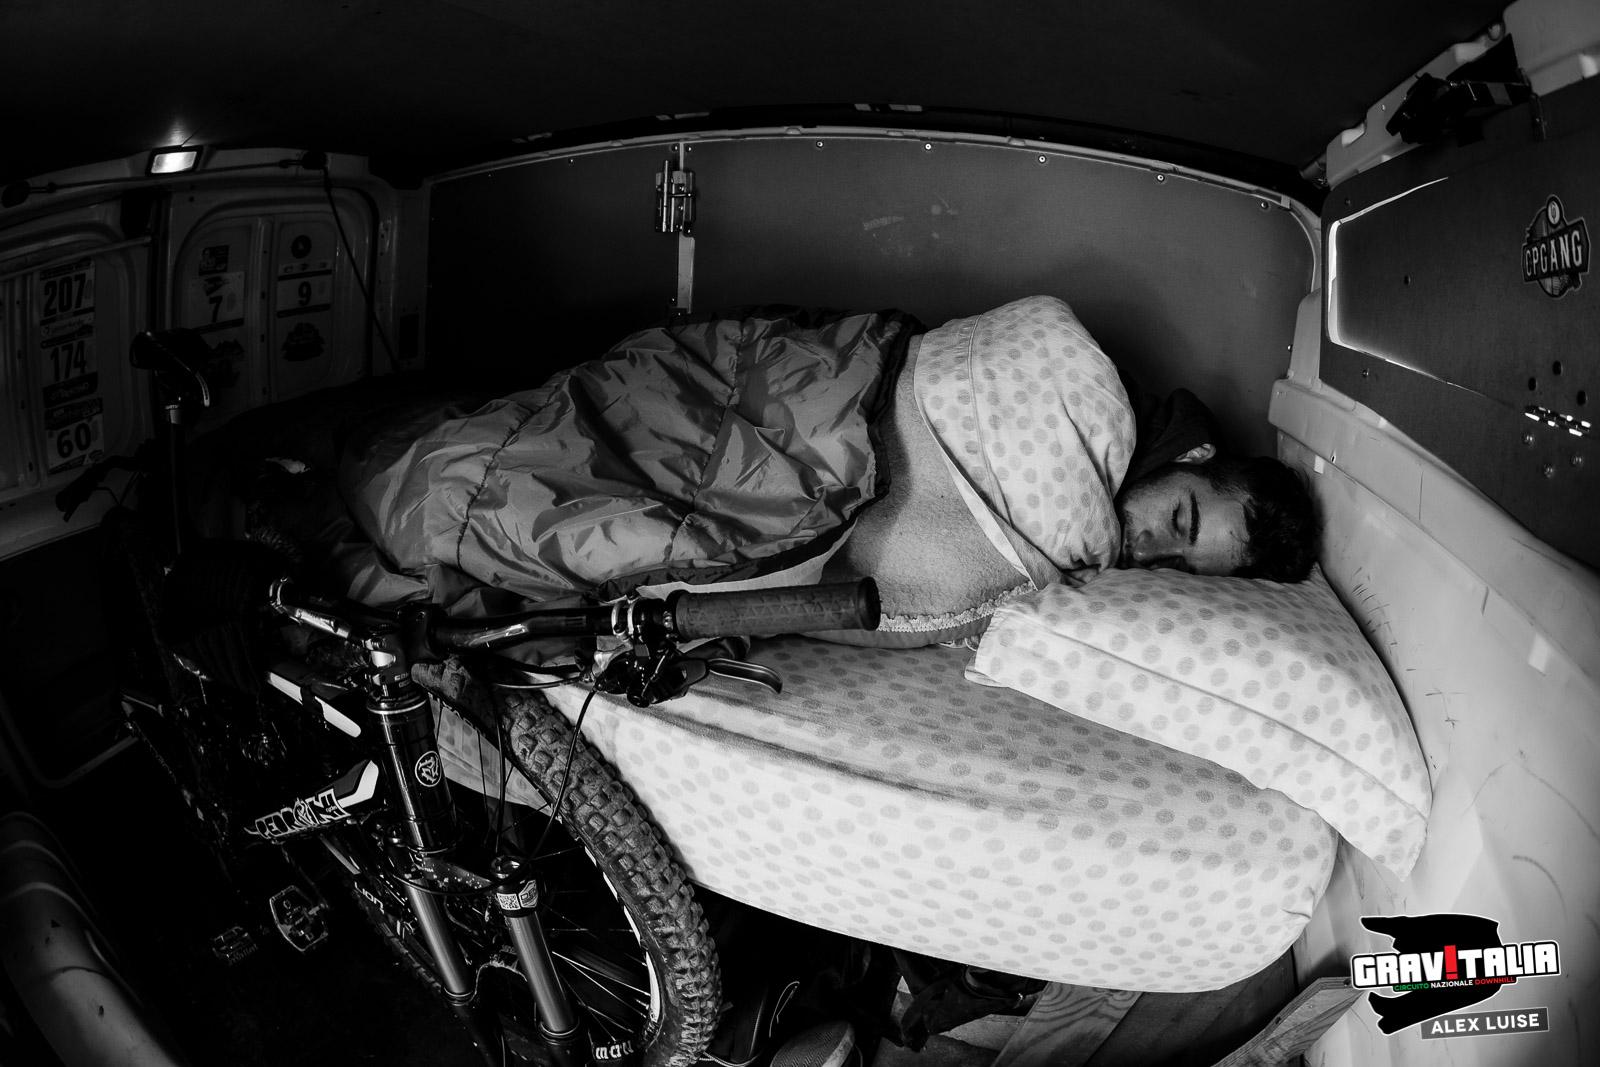 #Rd2 Frabosa - Gravitalia 2016